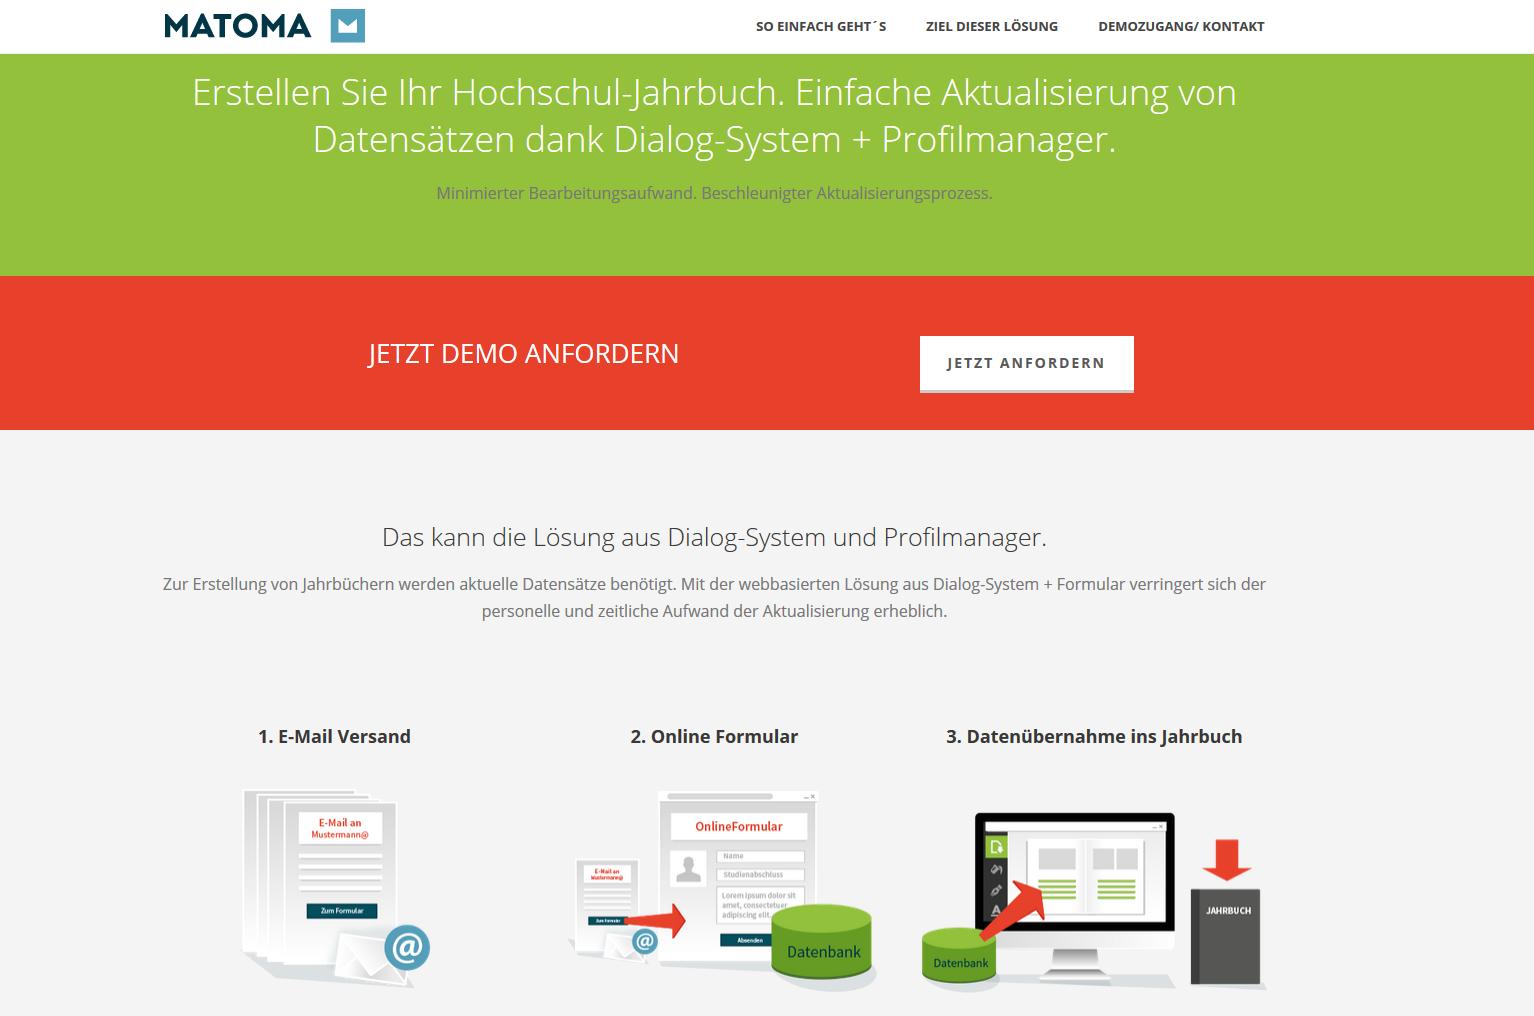 2015-07-14_Hochschul-Jahrbuch